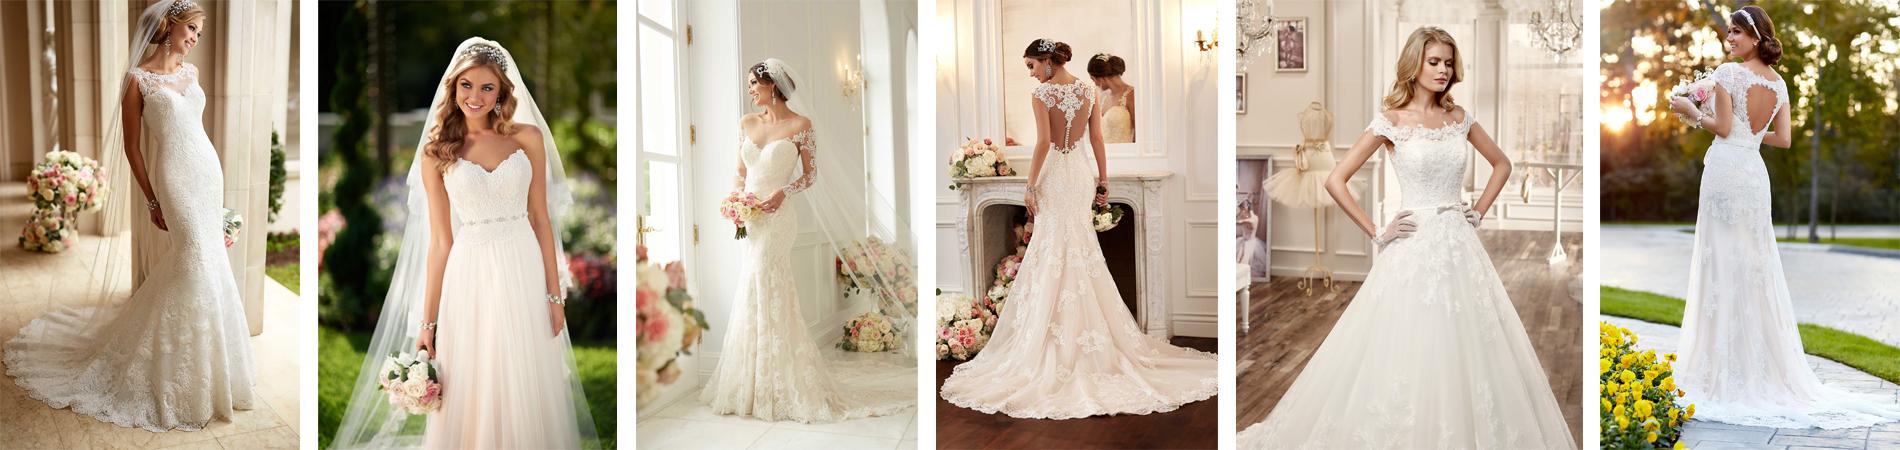 Das Brautkleid Wunderschon Am Hochzeitstag Westwing